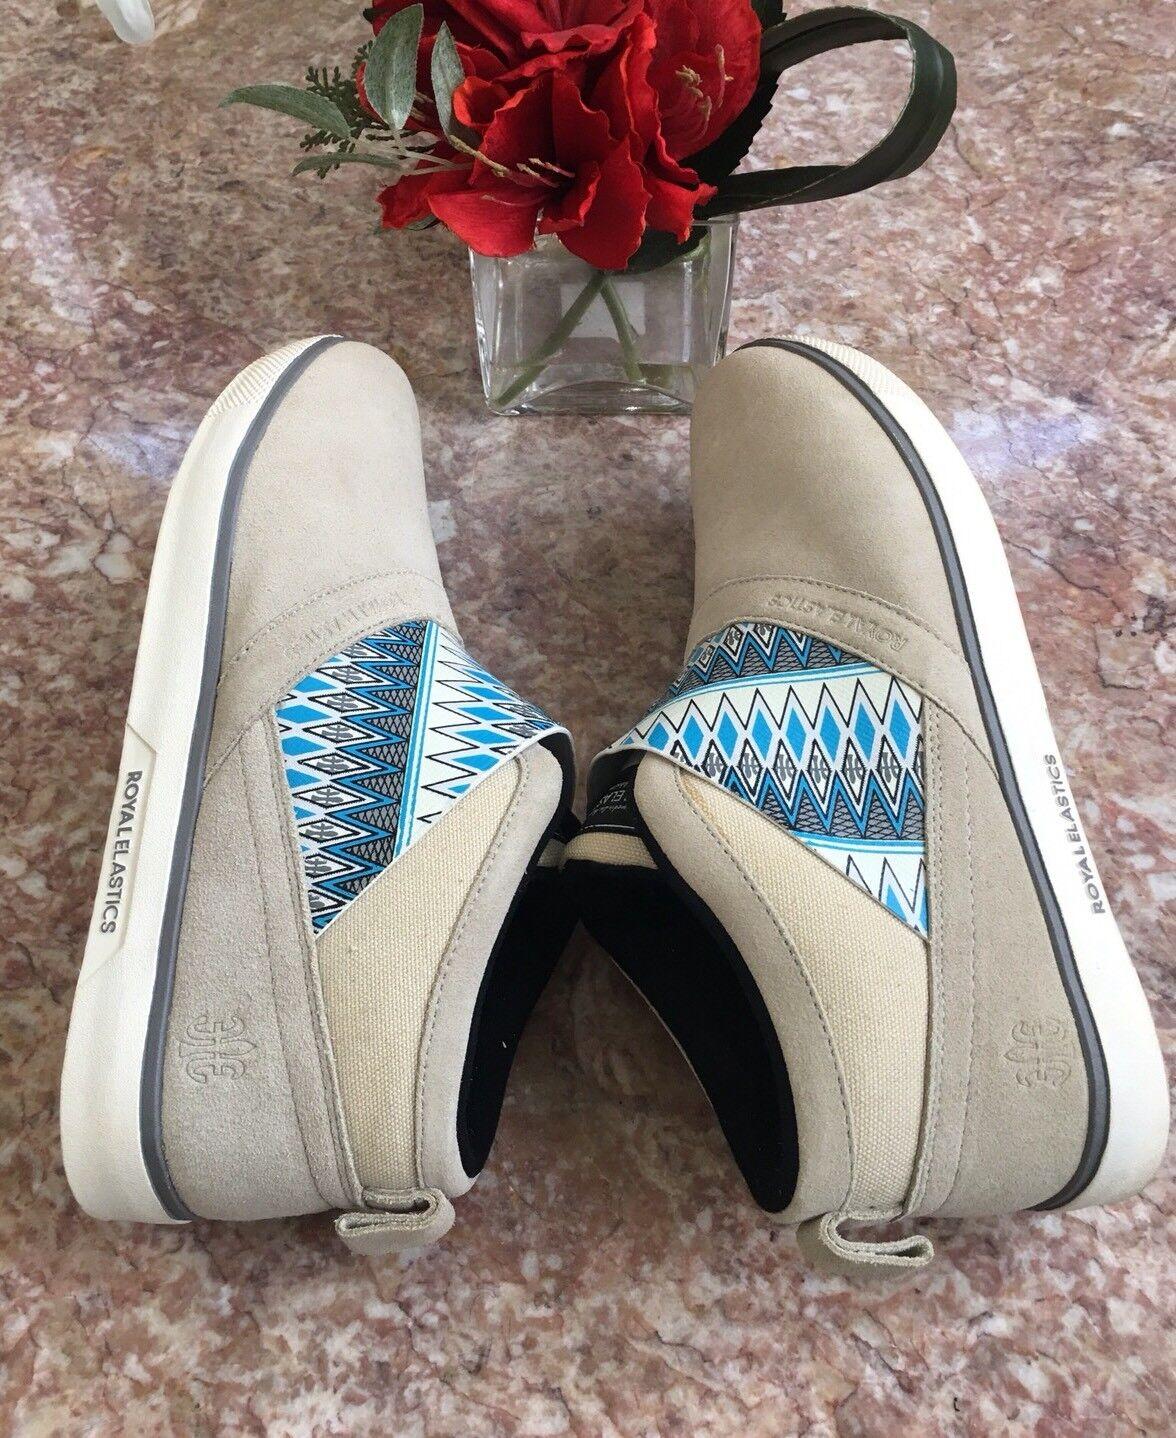 Royal Elastics Grau Men Cavell Hi Fashion Sneaker, Rainy Day/ Steeple Grau Elastics US 12 EUC 0c38a3